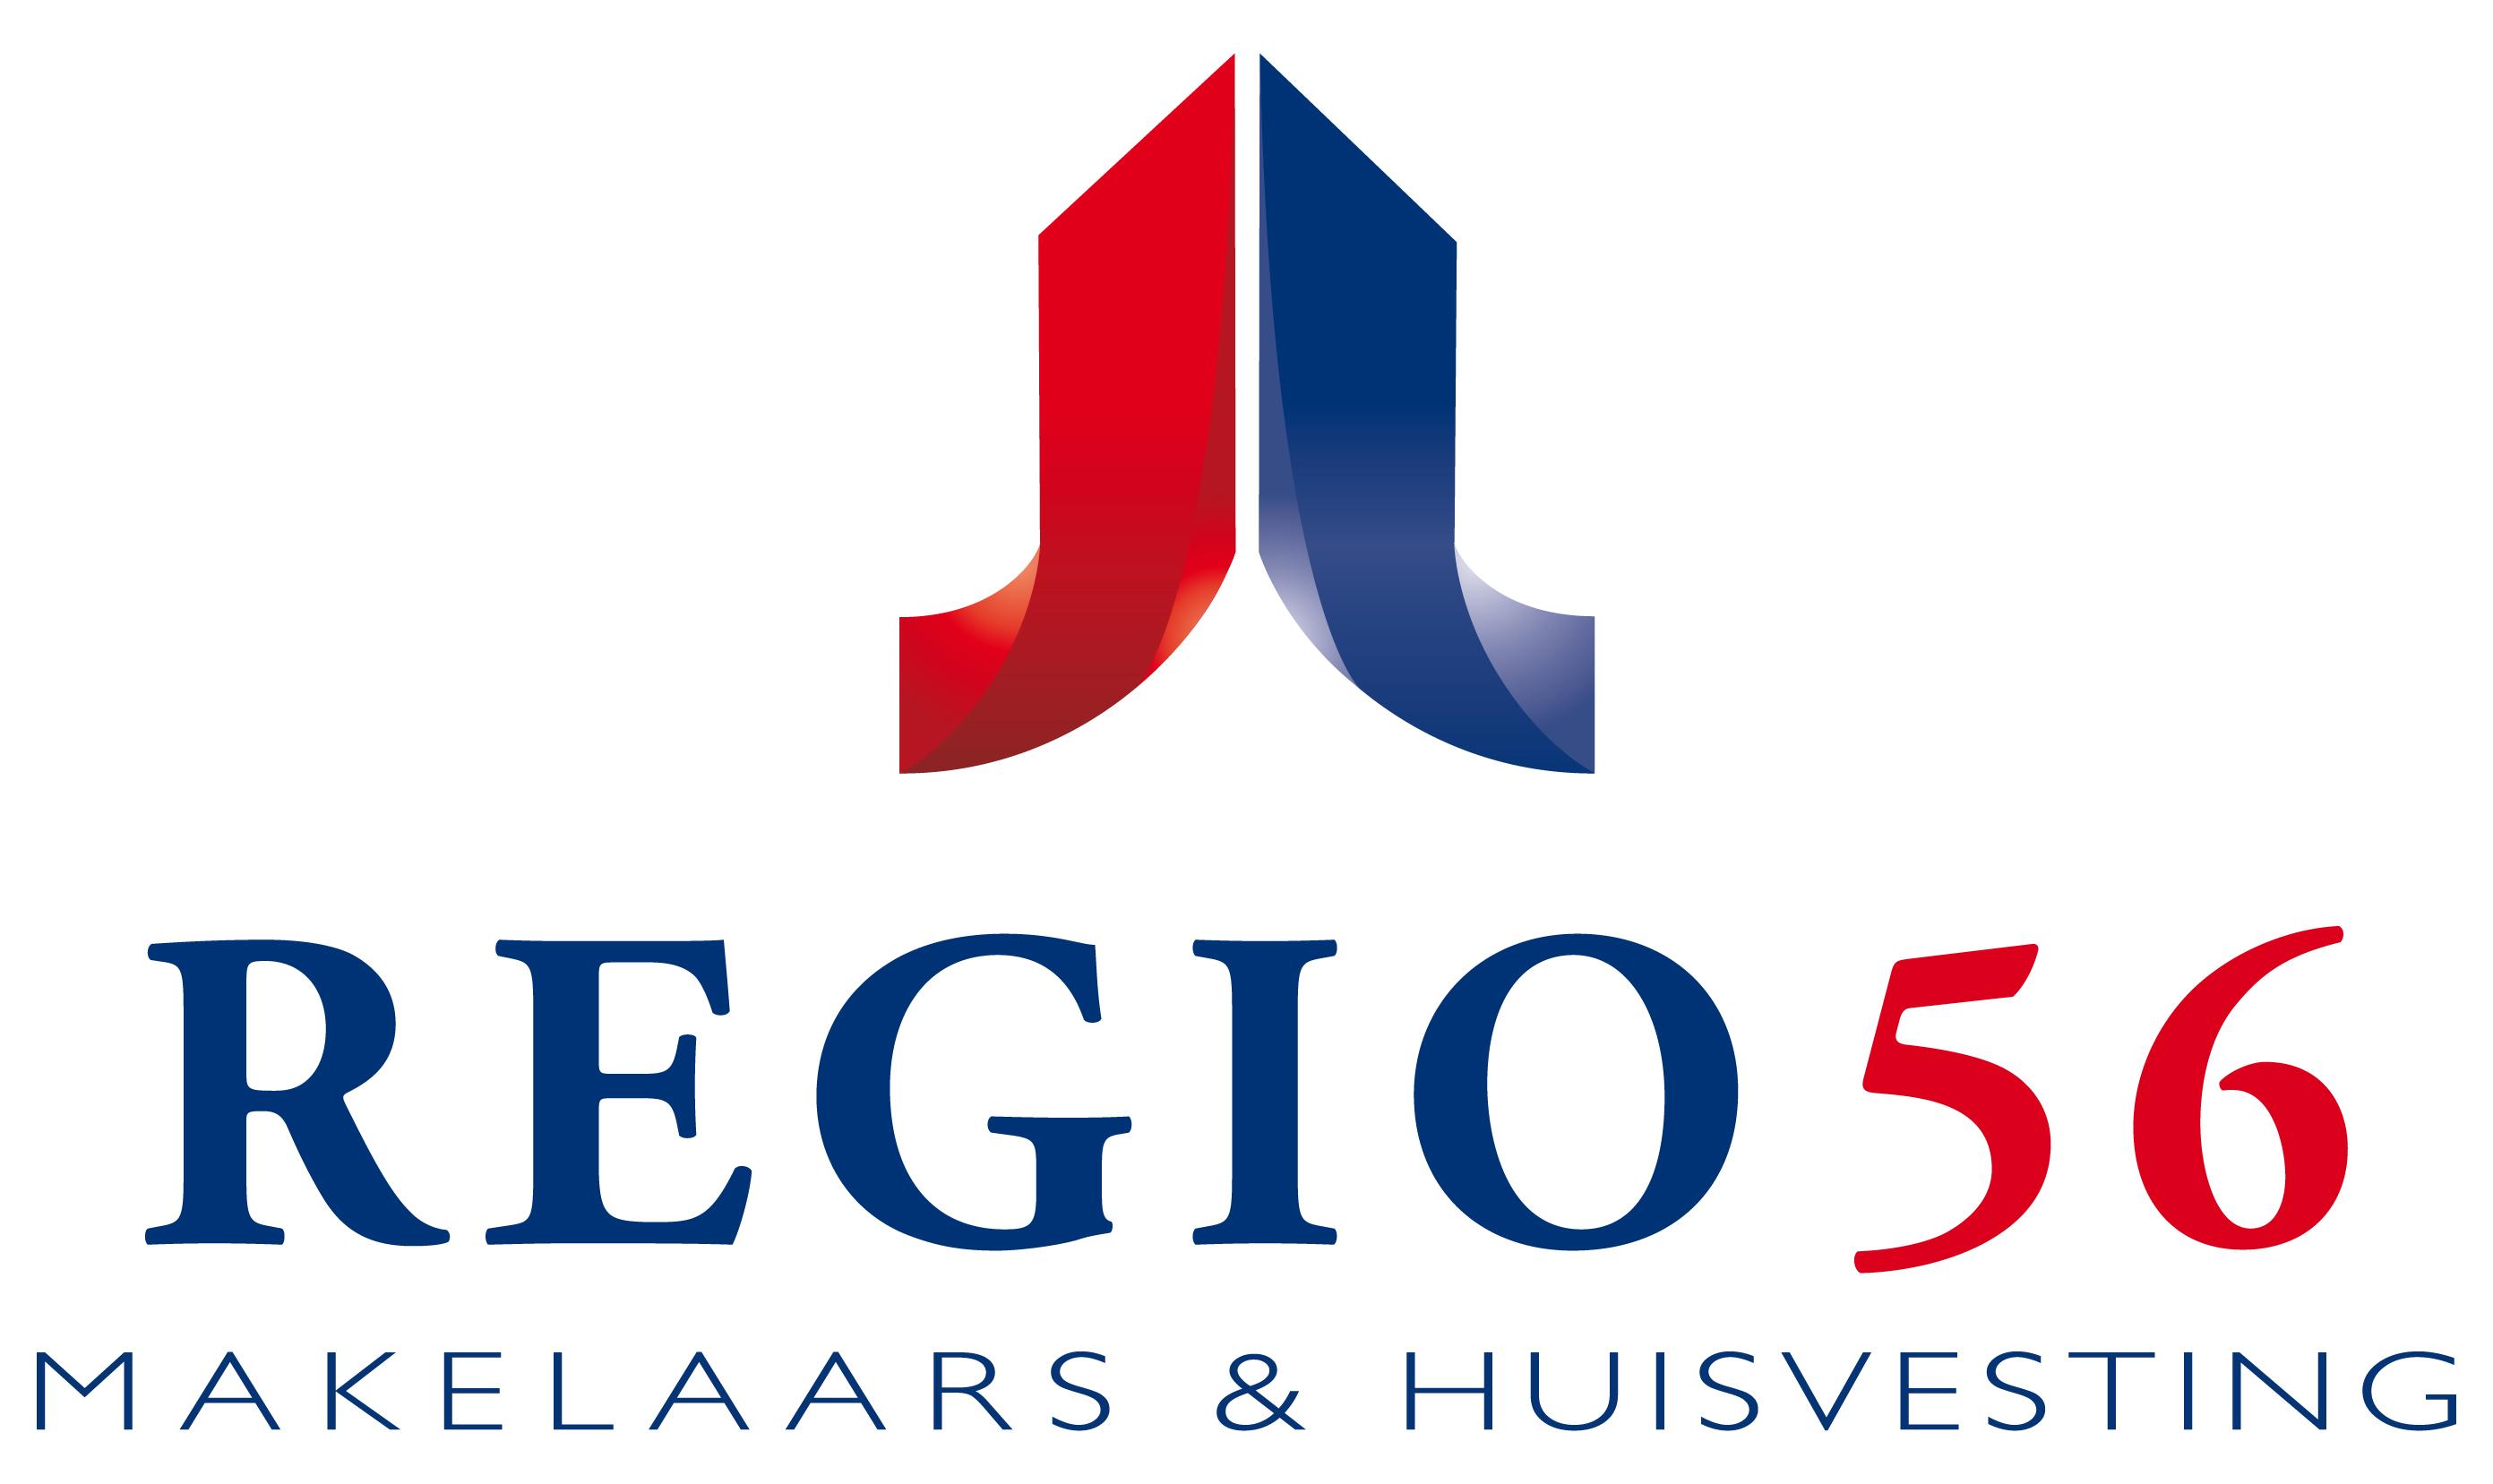 Regio56 makelaars